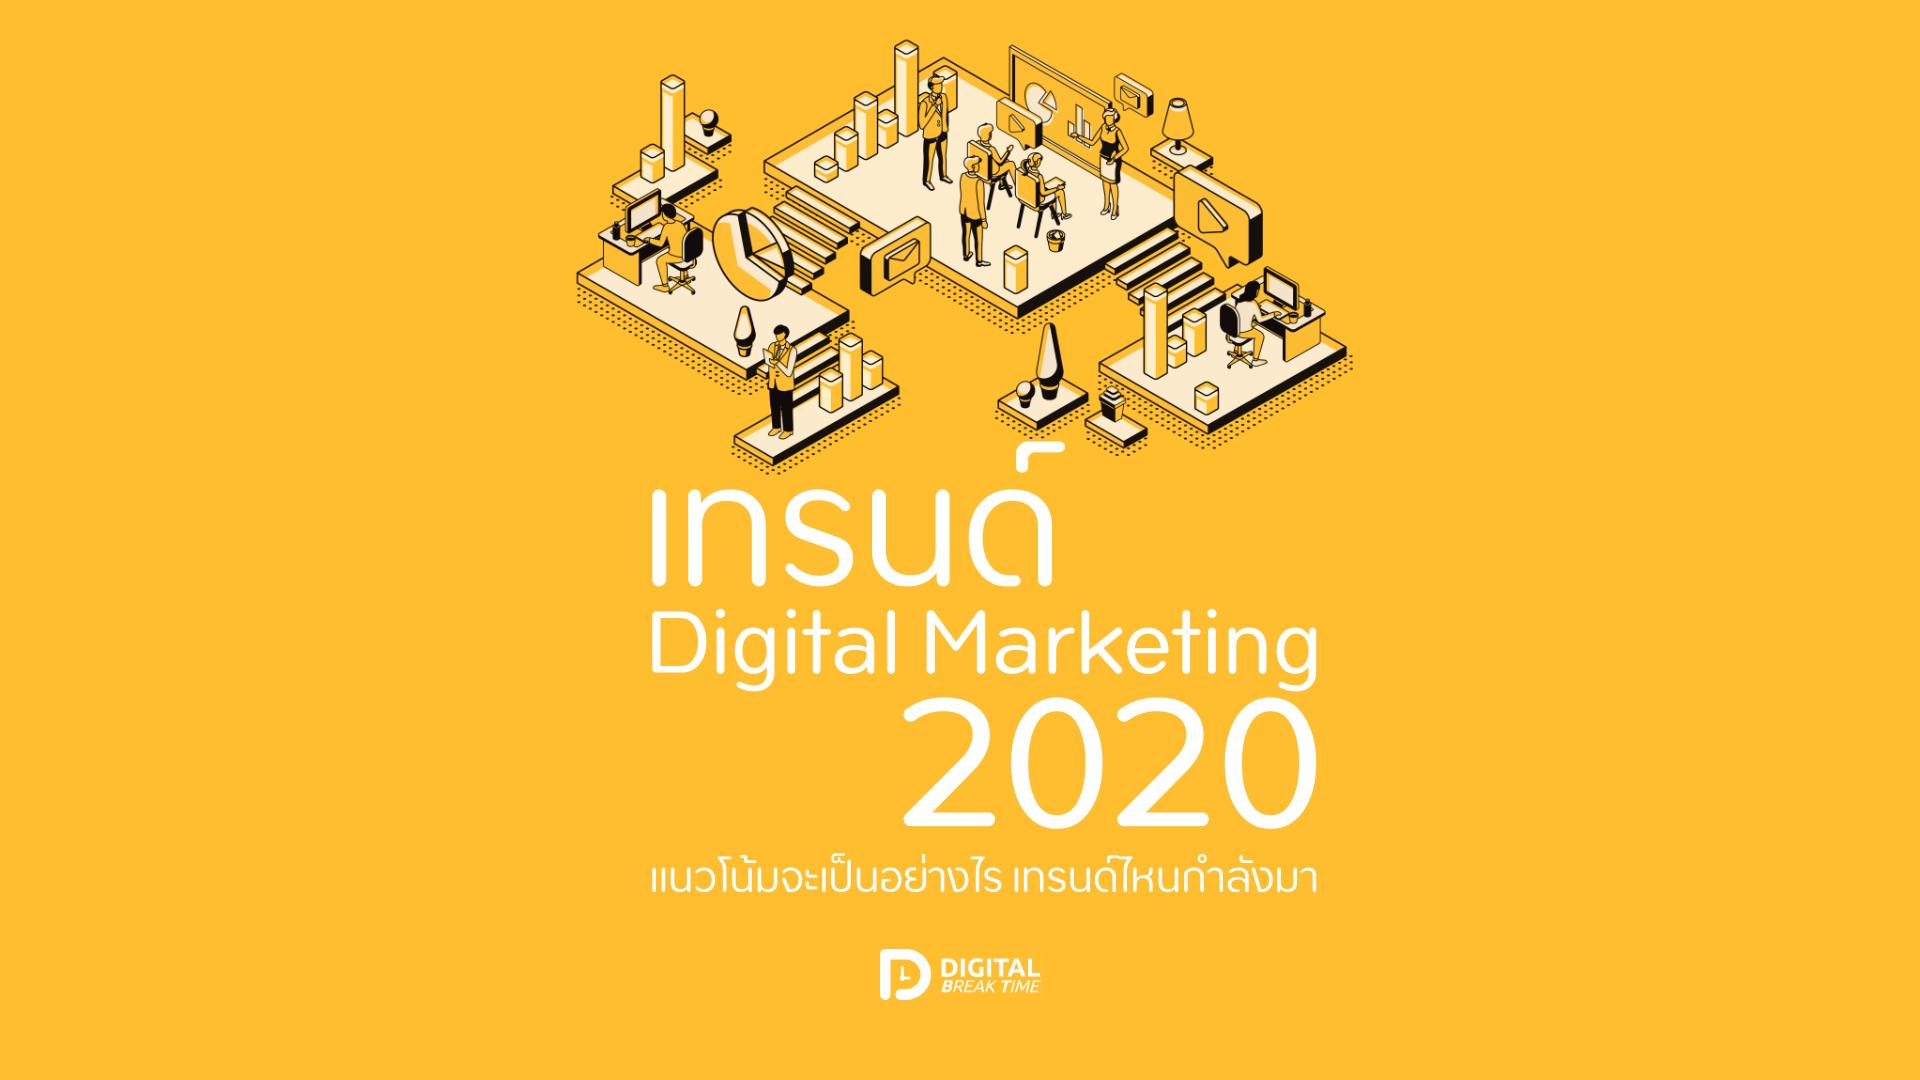 เทรนด์ Digital Marketing 2020 cover